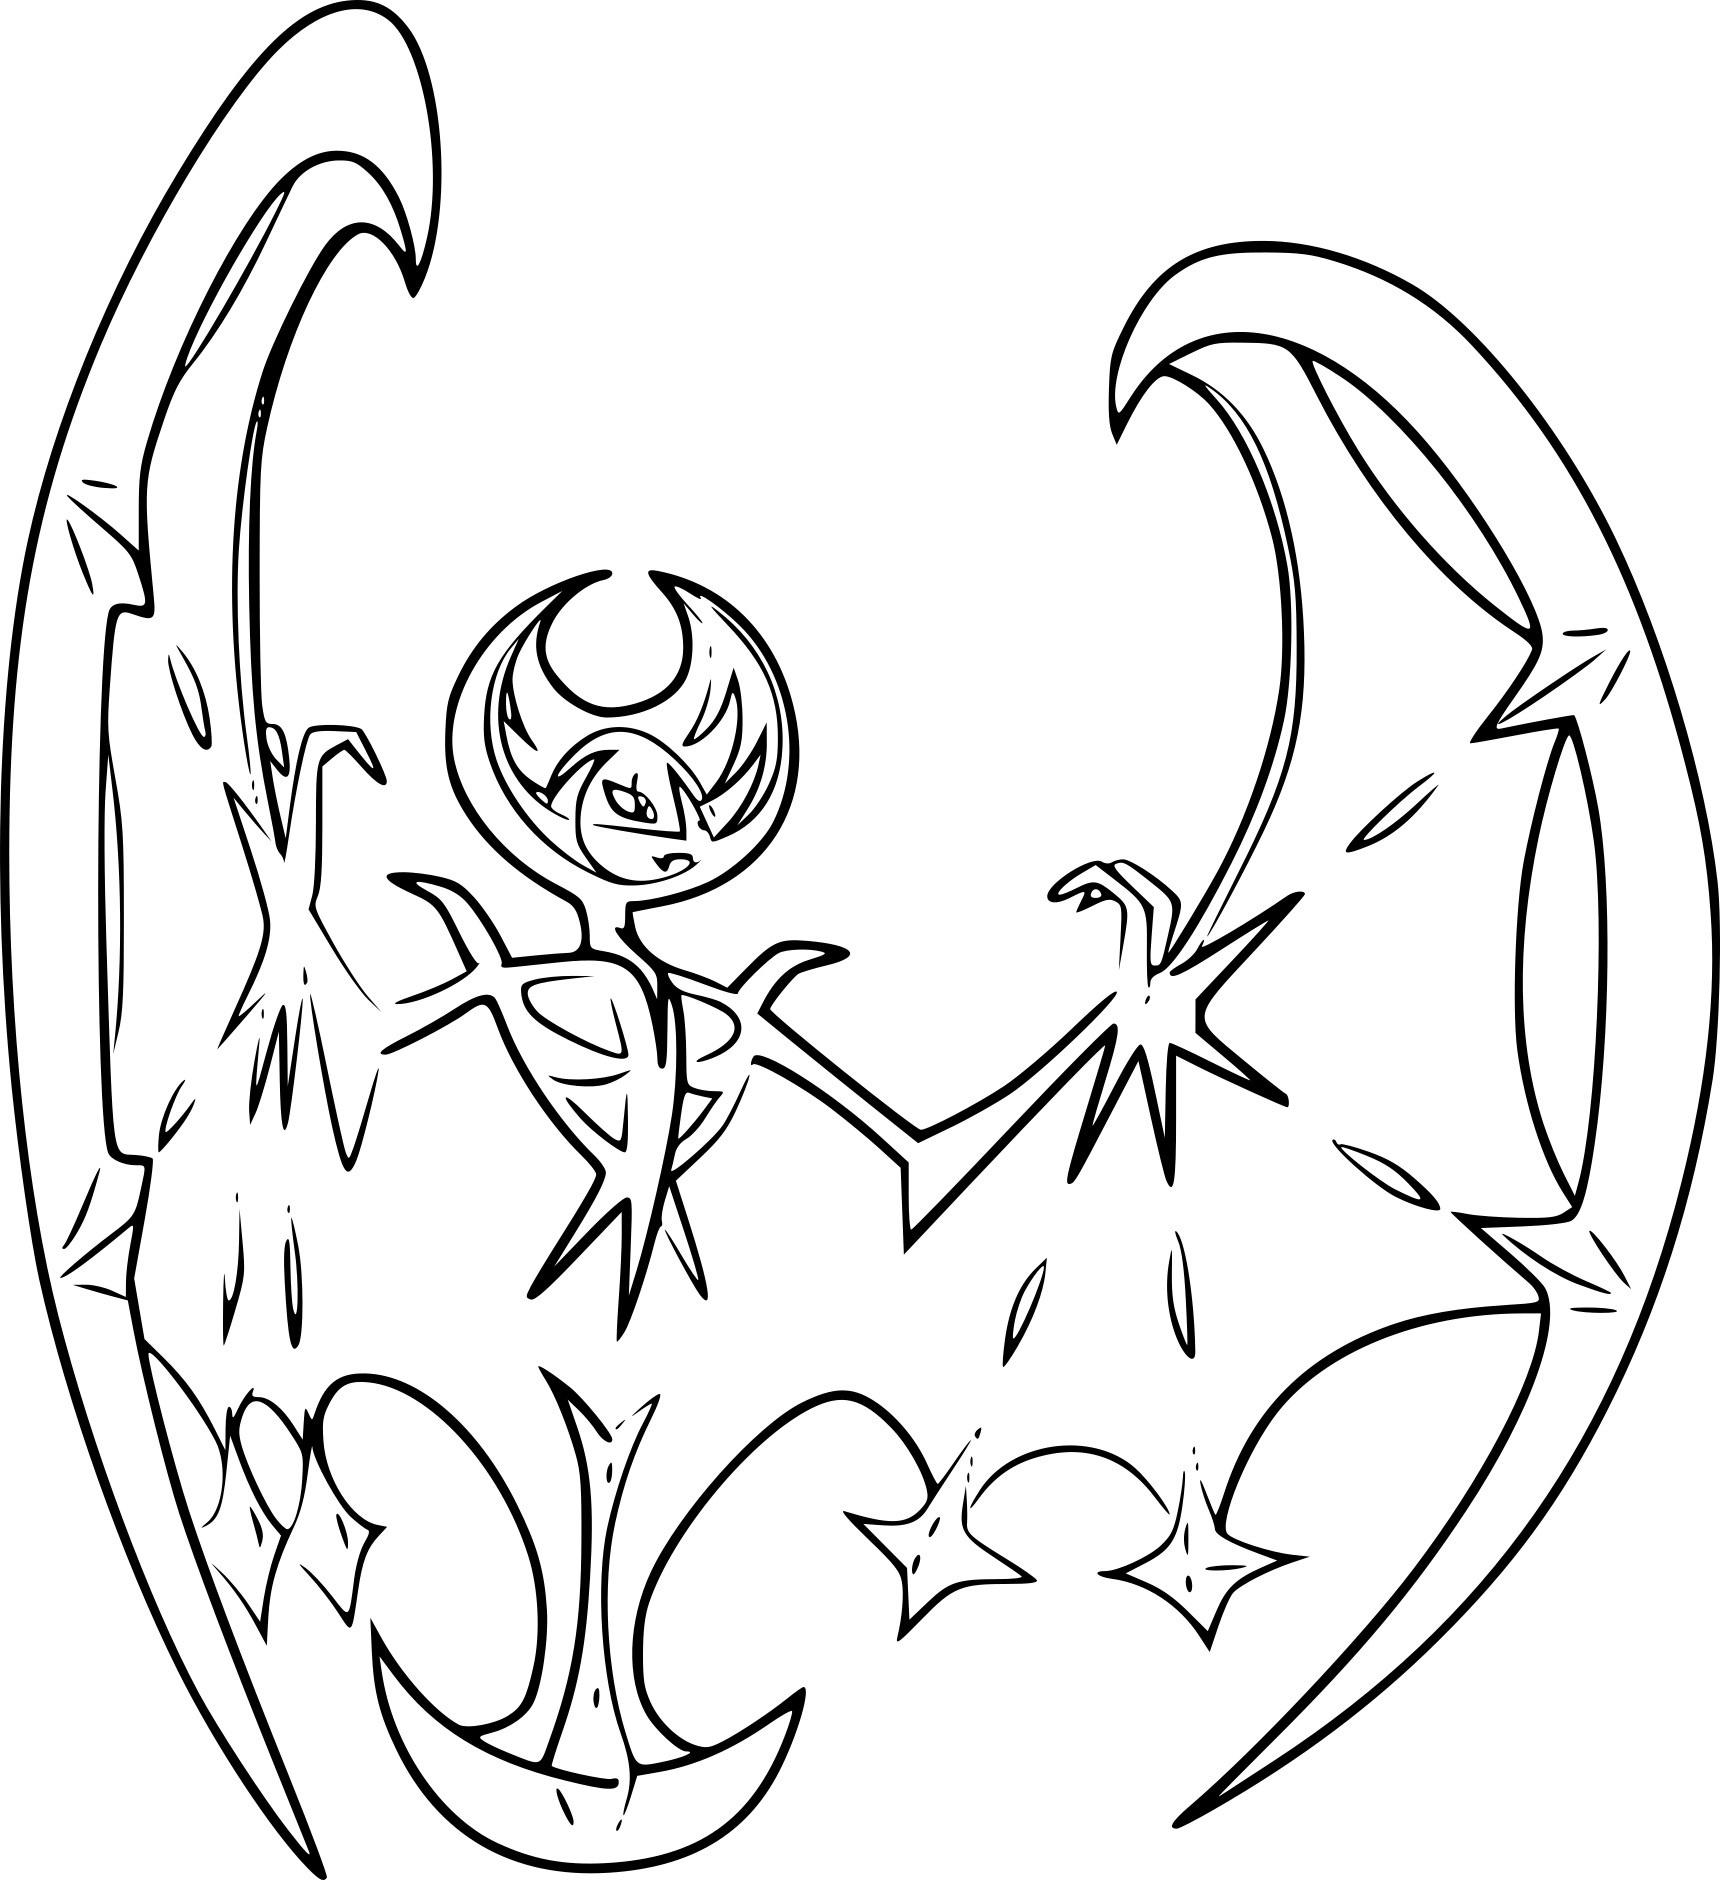 14 Cool De Coloriage Pokemon Soleil Et Lune À Imprimer avec Coloriage Pok?Mon Togedmarou